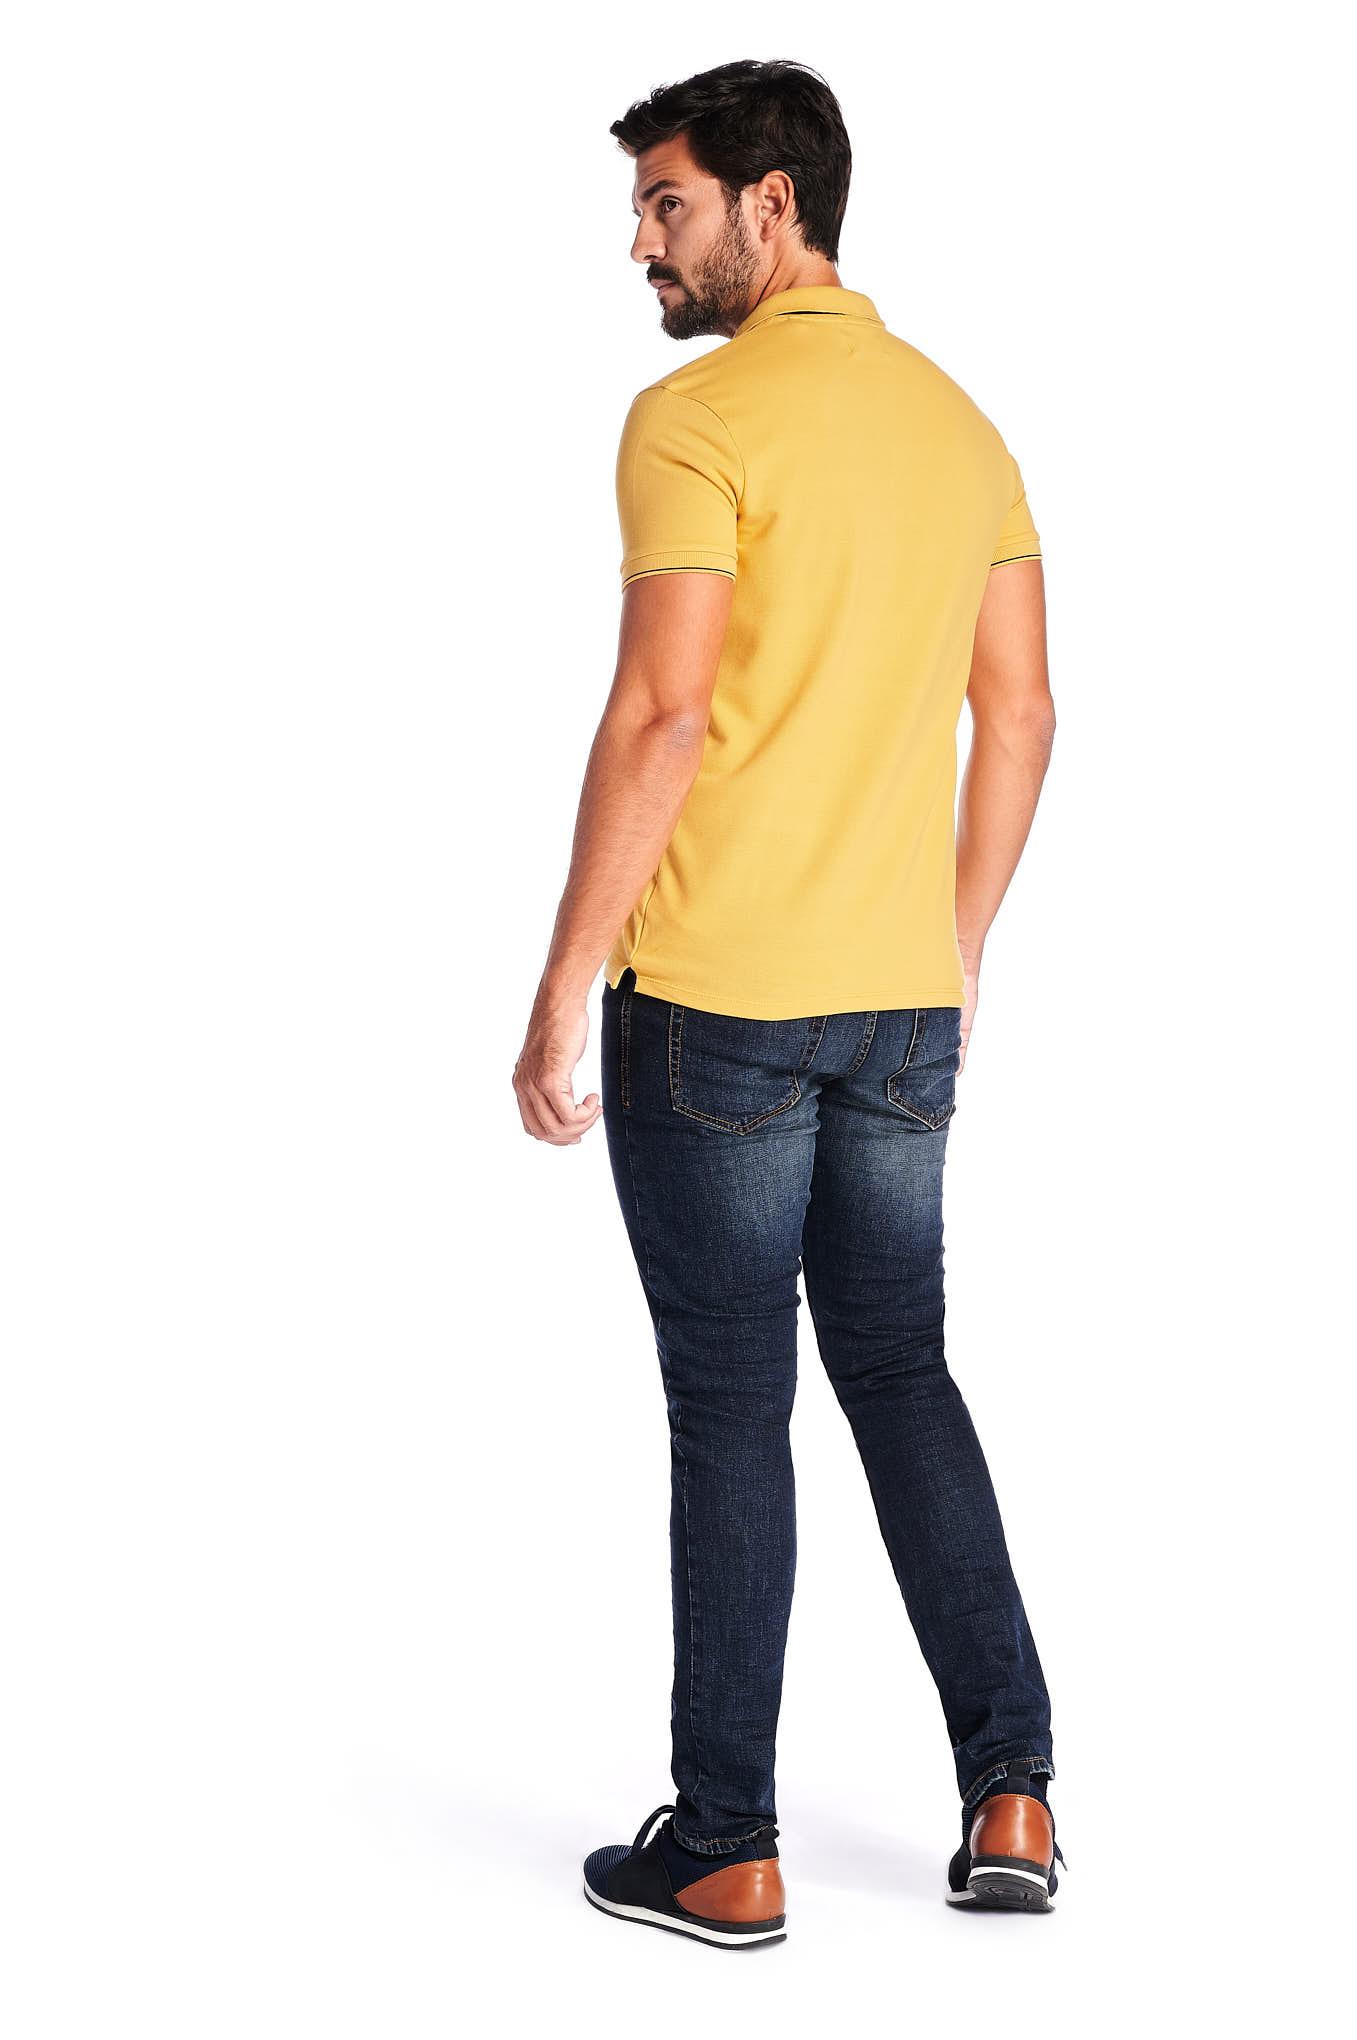 Polo Piquet Yellow Sport Man